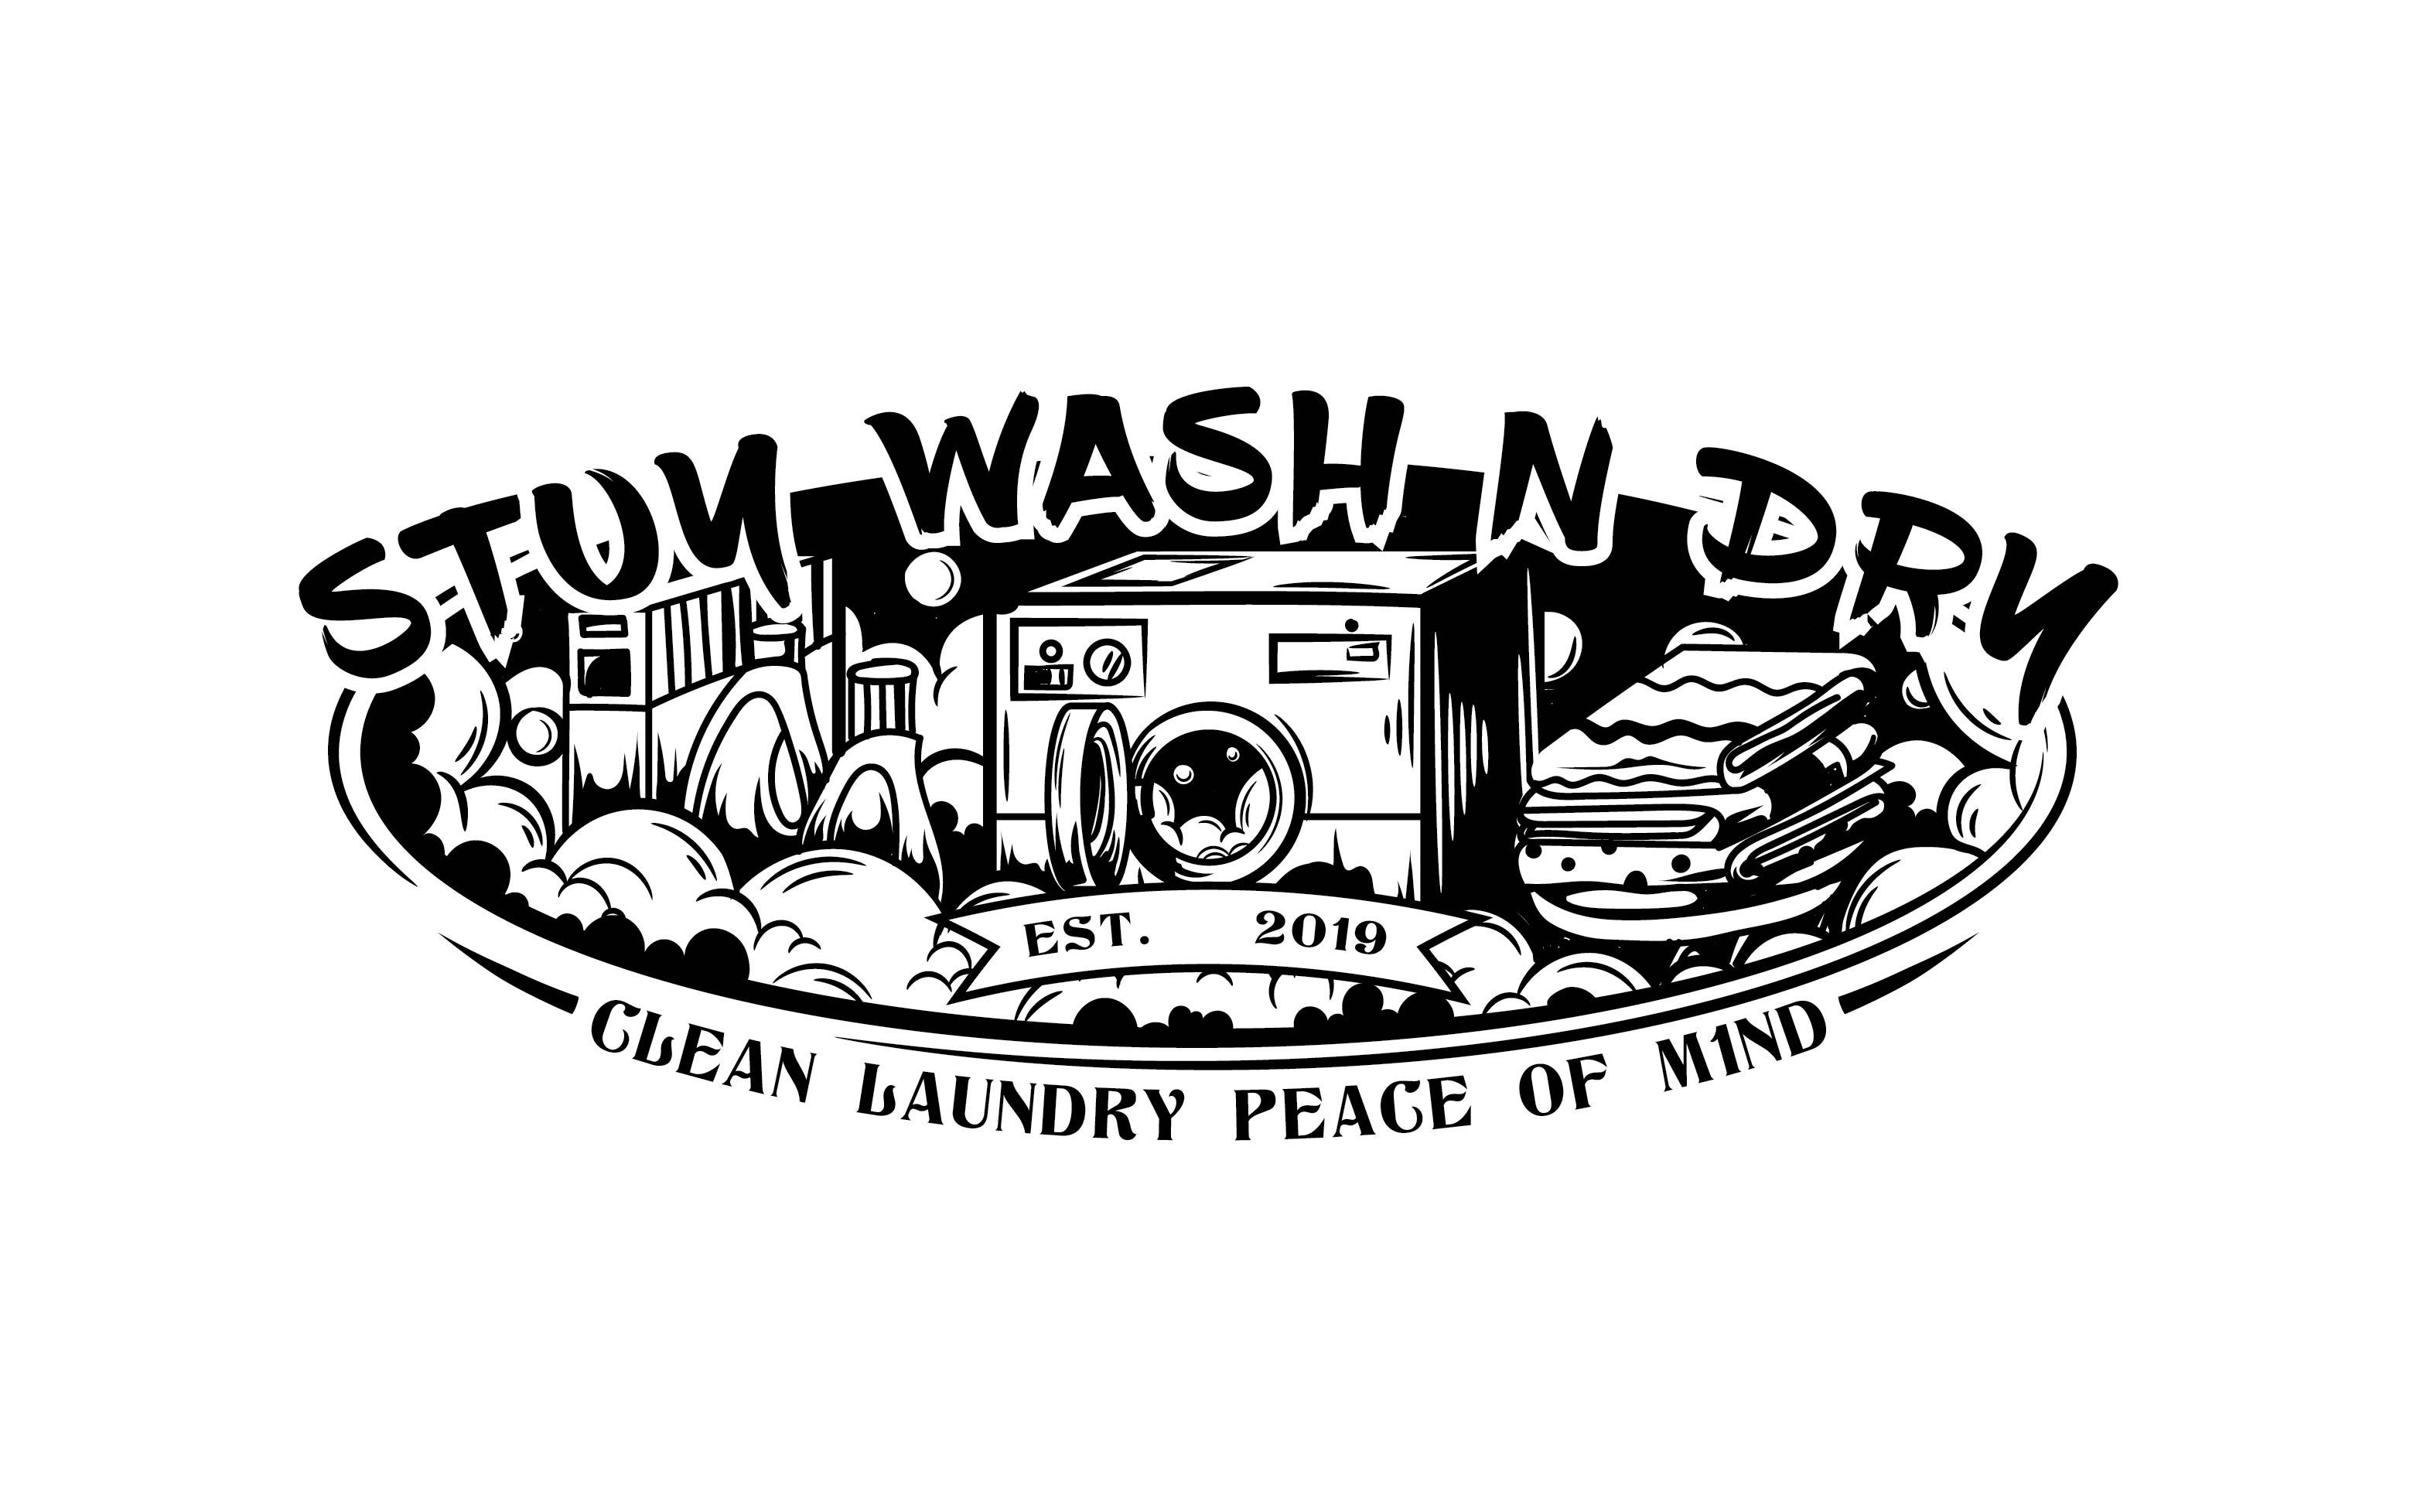 Stuy Wash N Dry